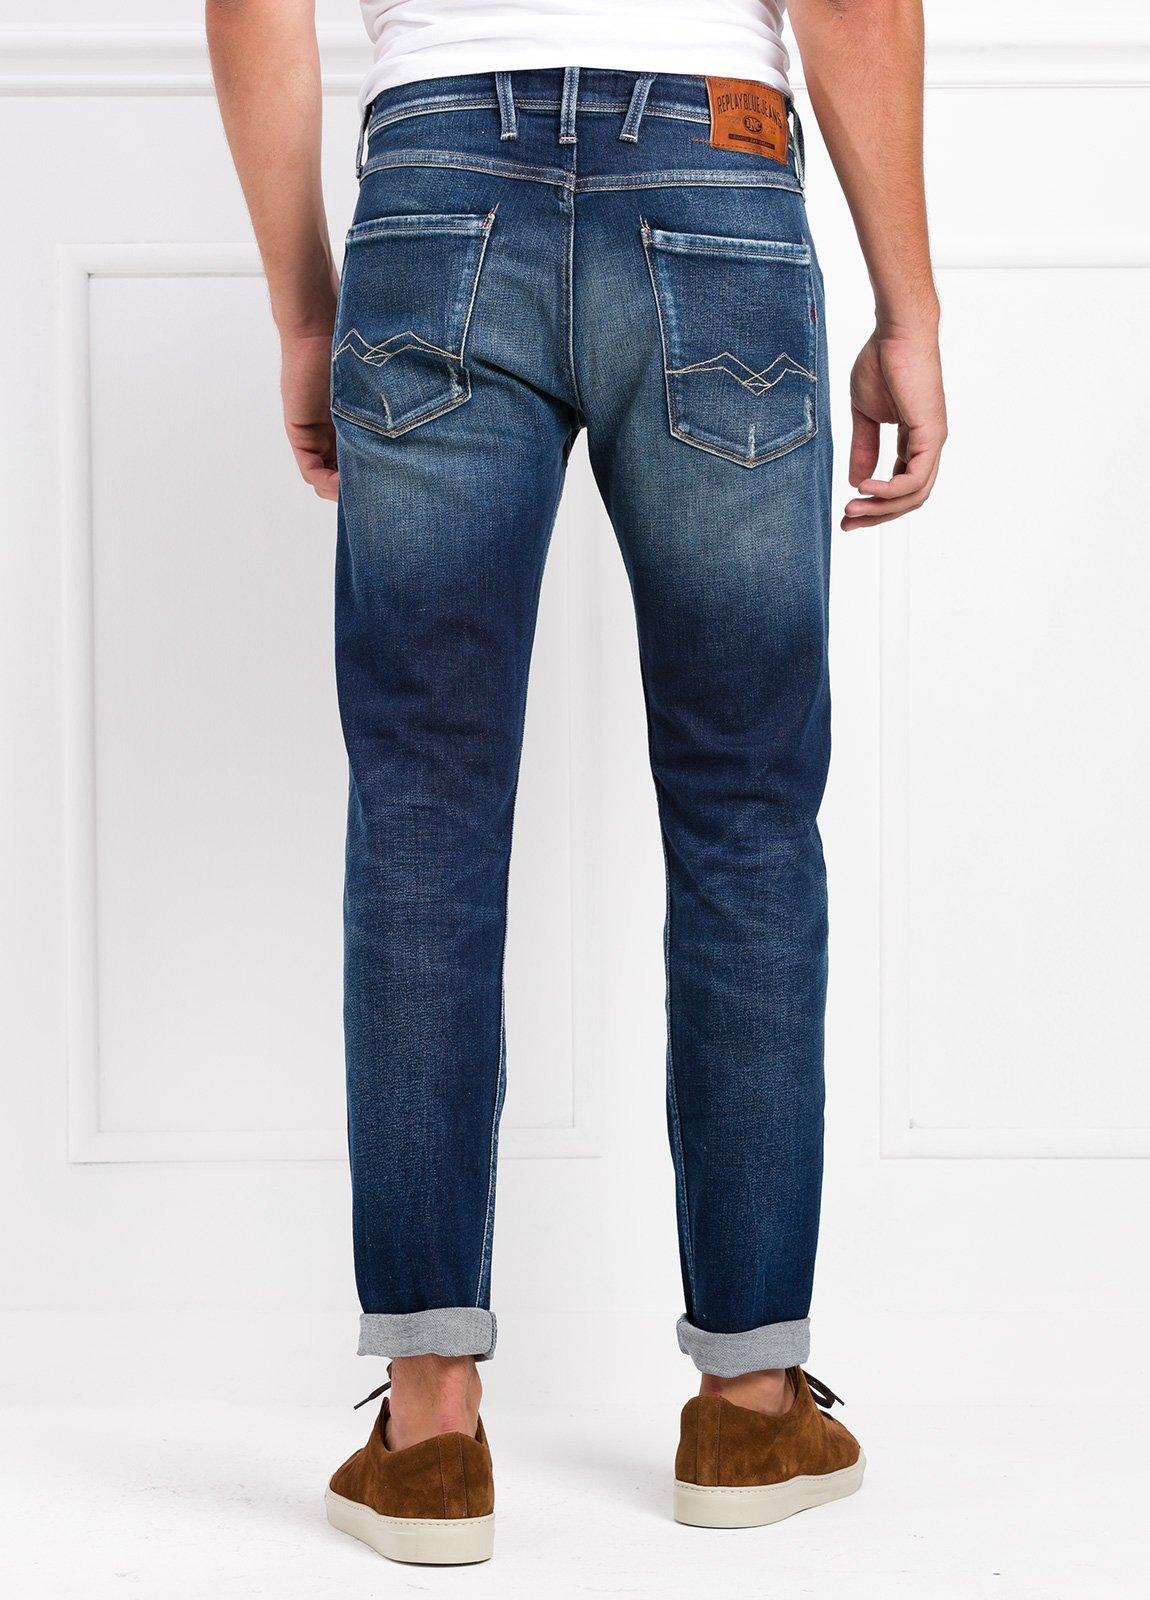 Pantalón tejano 12,5 oz SLIM 914J ANBASS color azul lavado. 98% Algodón. 2% Elastano. - Ítem2